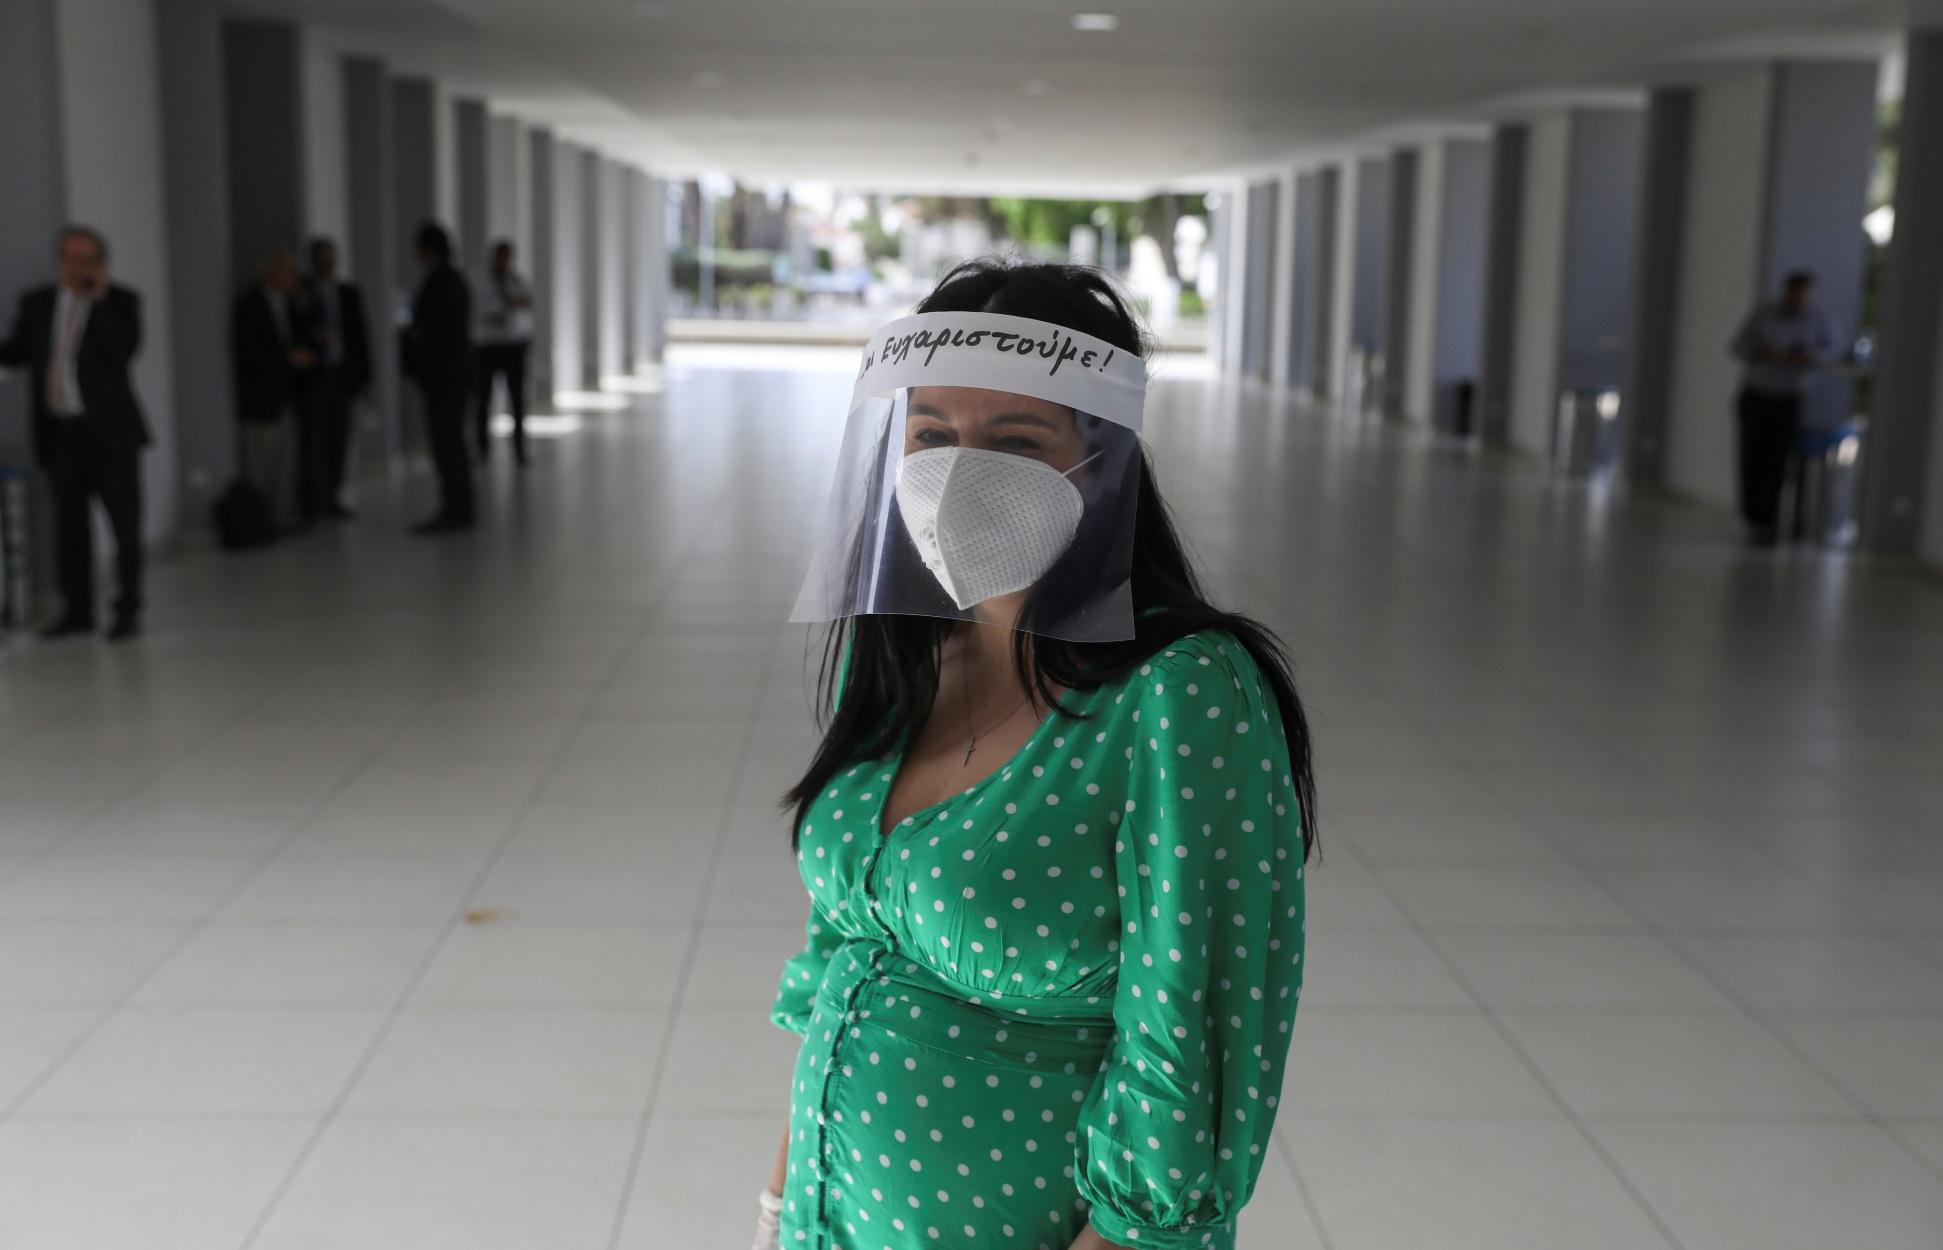 Κύπρος: Ένας νεκρός και 895 νέα κρούσματα κορονοϊού το τελευταίο 24ωρο